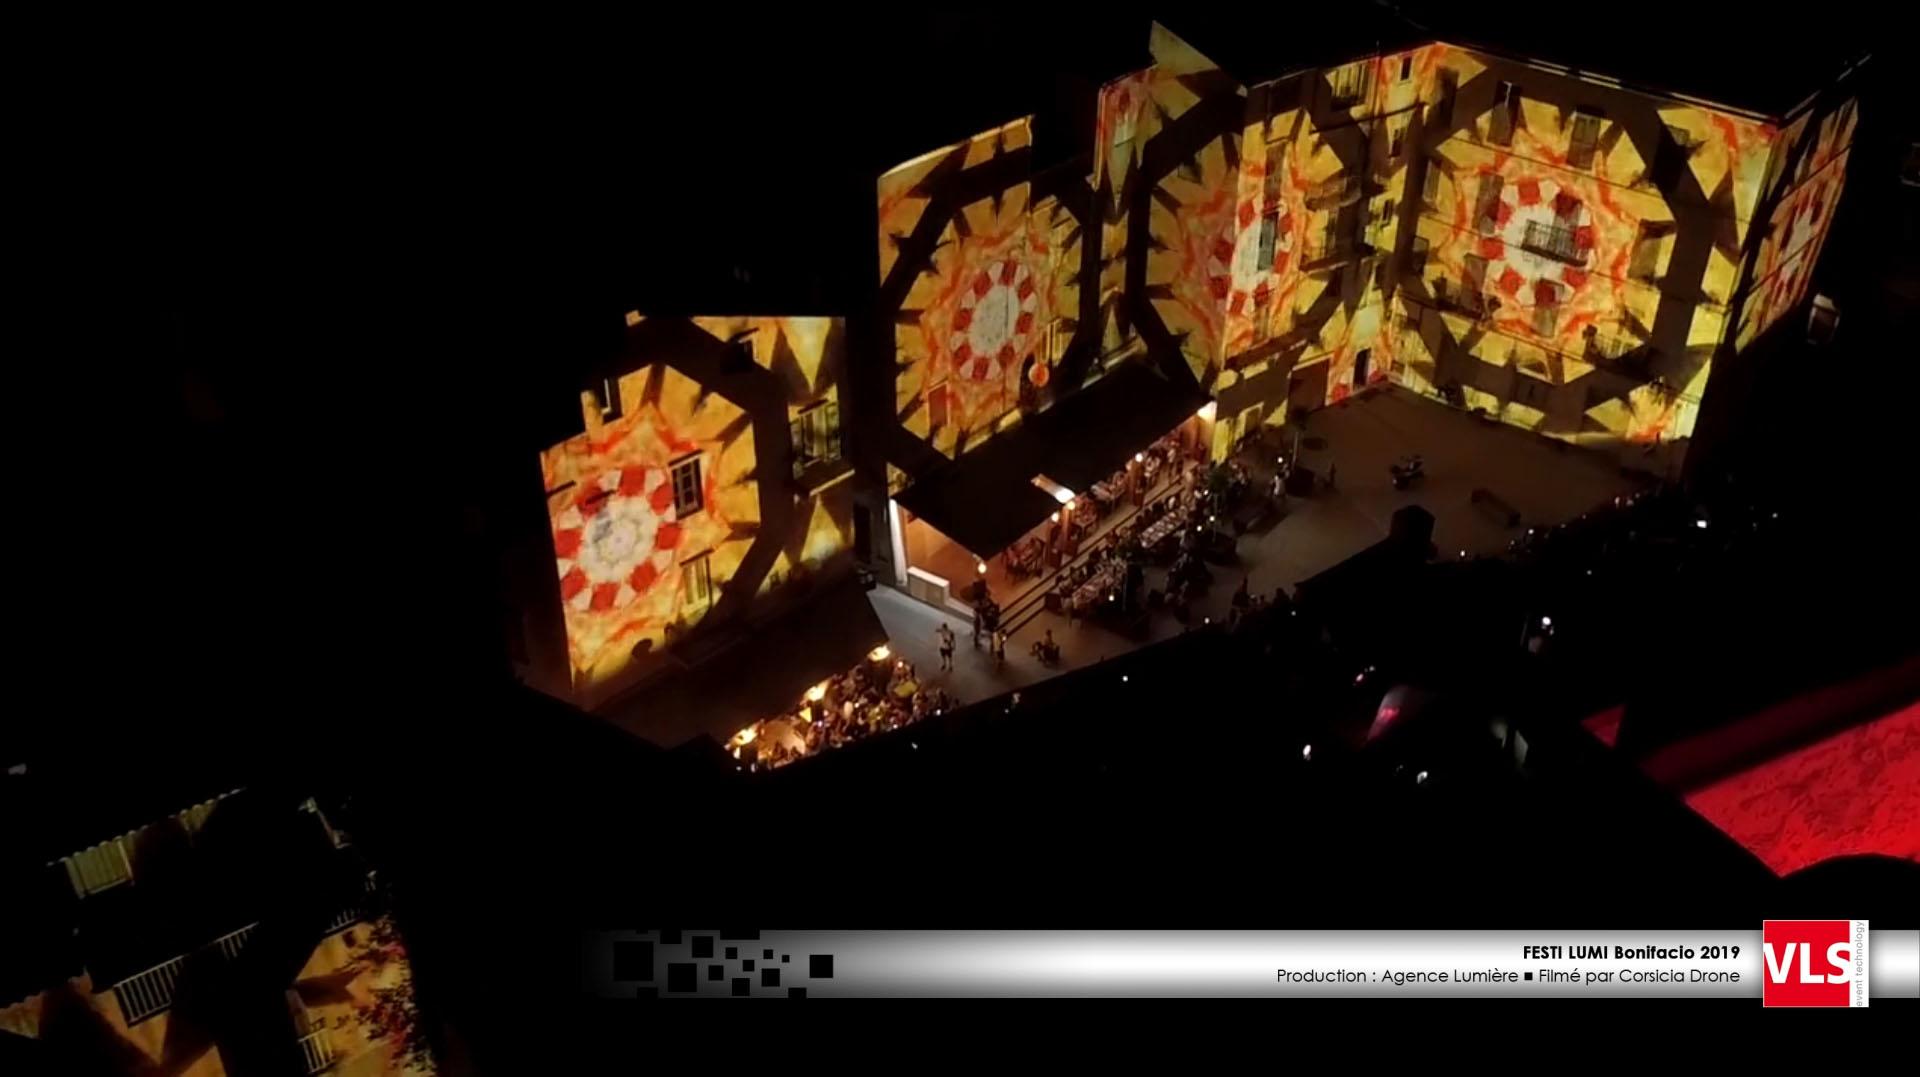 projection vidéo mapping sur façade à Bonifacio